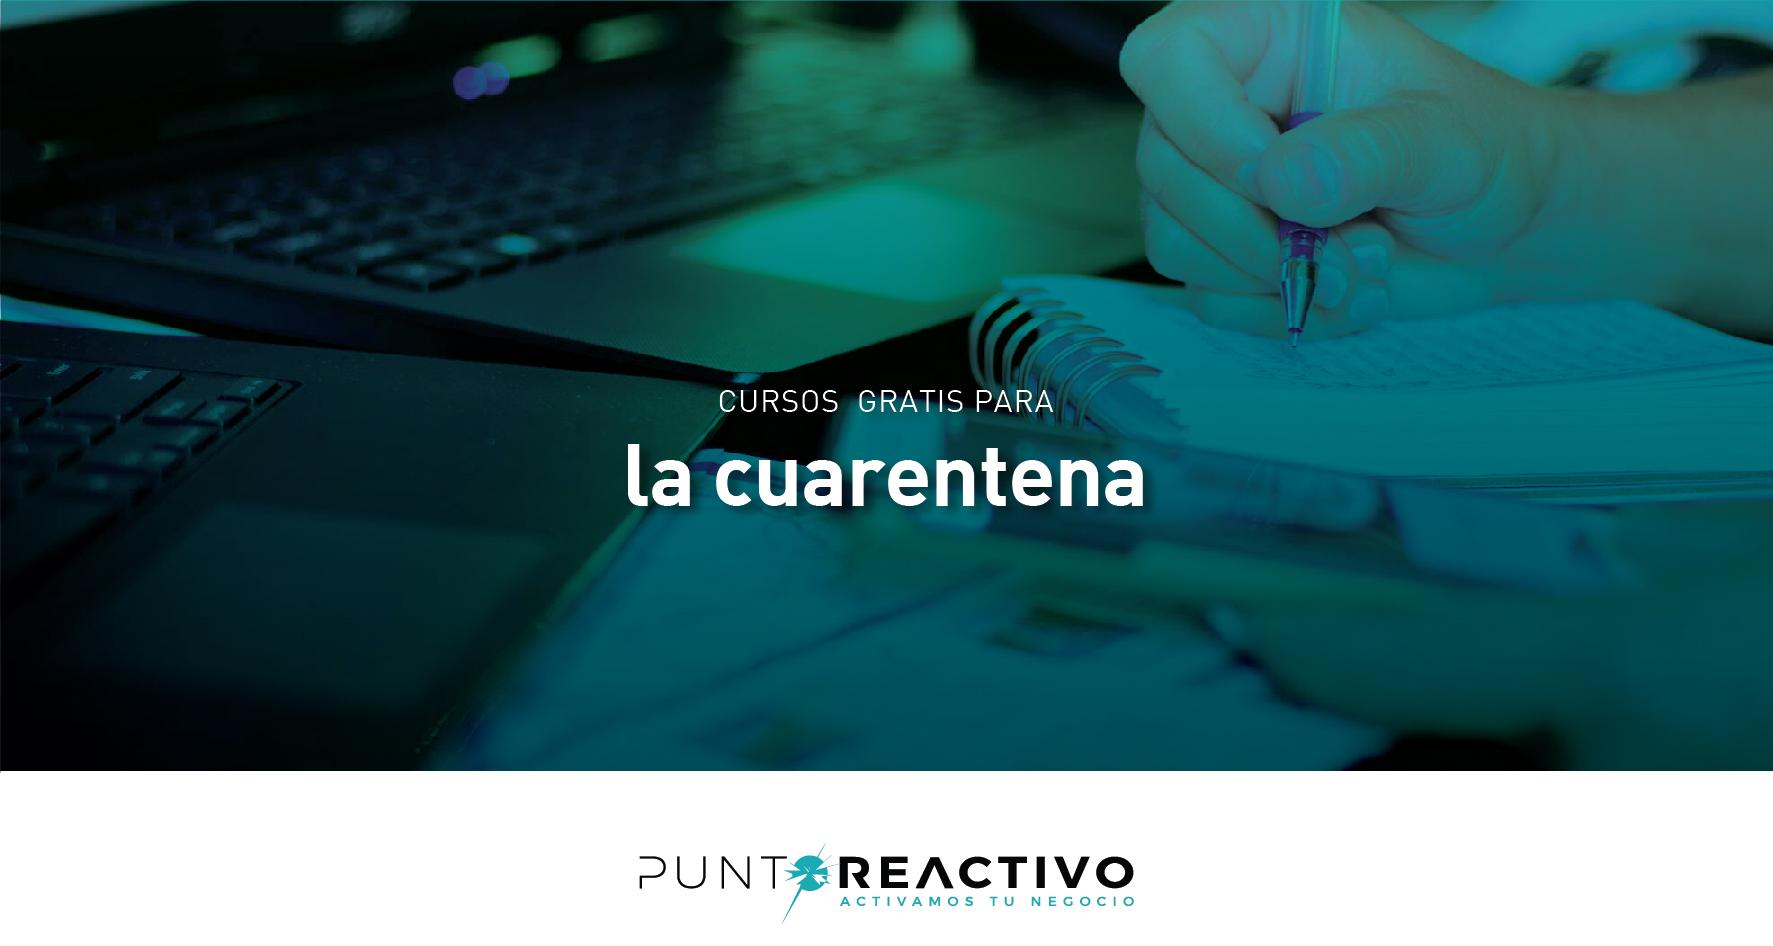 Cursos online para la cuarentena